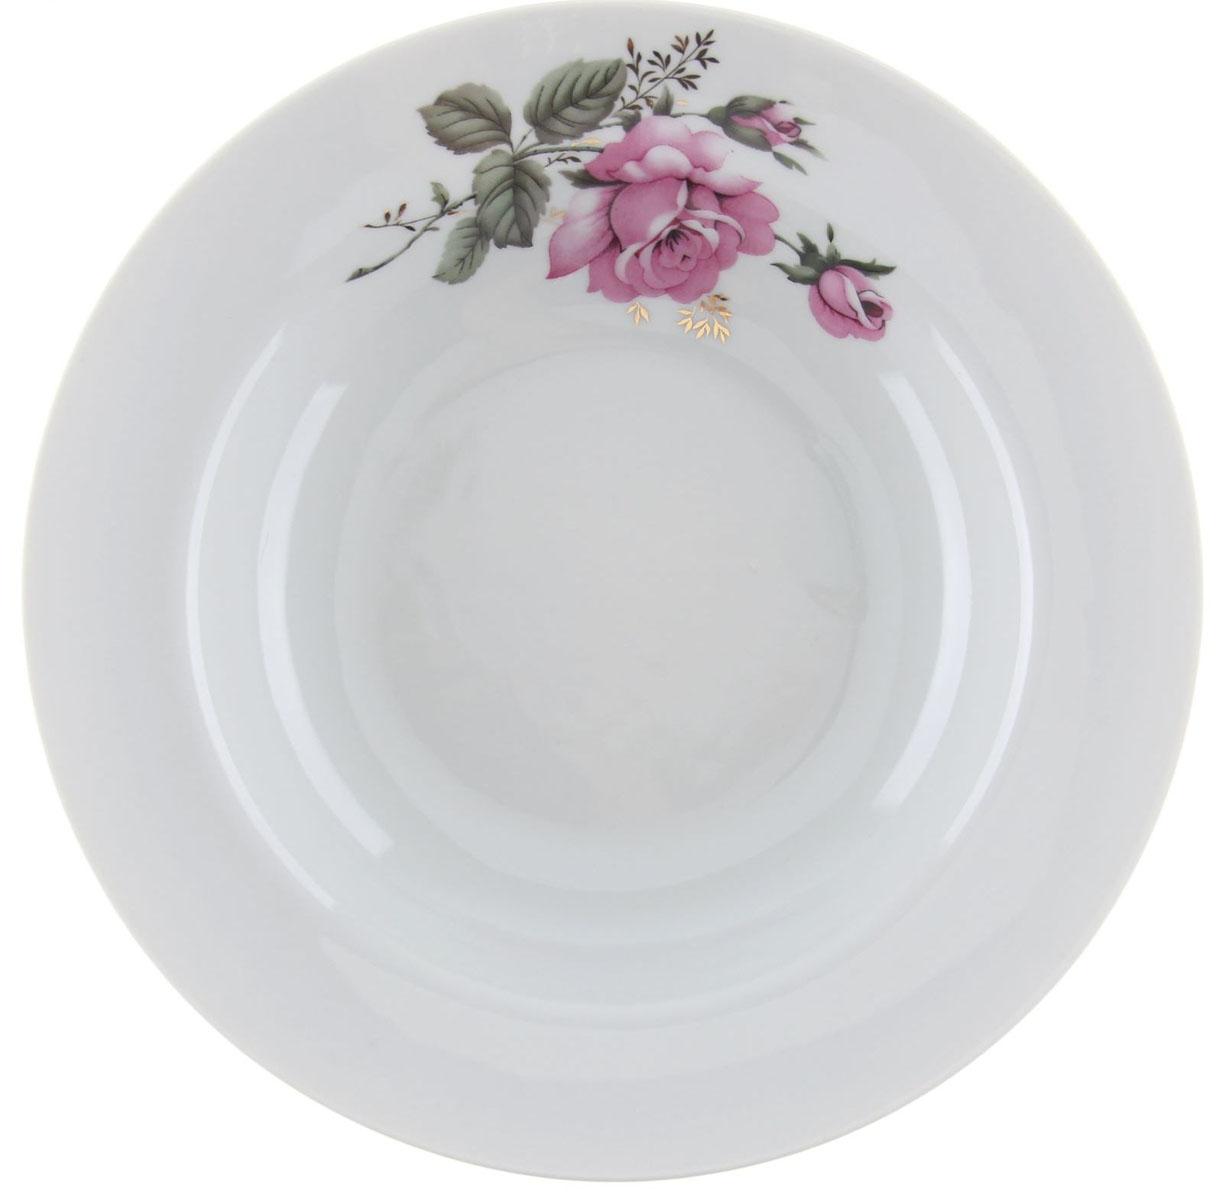 Тарелка глубокая Идиллия. Глория, диаметр 20 см1303872Глубокая тарелка Идиллия. Глория выполнена из высококачественного фарфора и украшена ярким рисунком. Она прекрасно впишется в интерьер вашей кухни и станет достойным дополнением к кухонному инвентарю. Тарелка Идиллия. Глория подчеркнет прекрасный вкус хозяйки и станет отличным подарком.